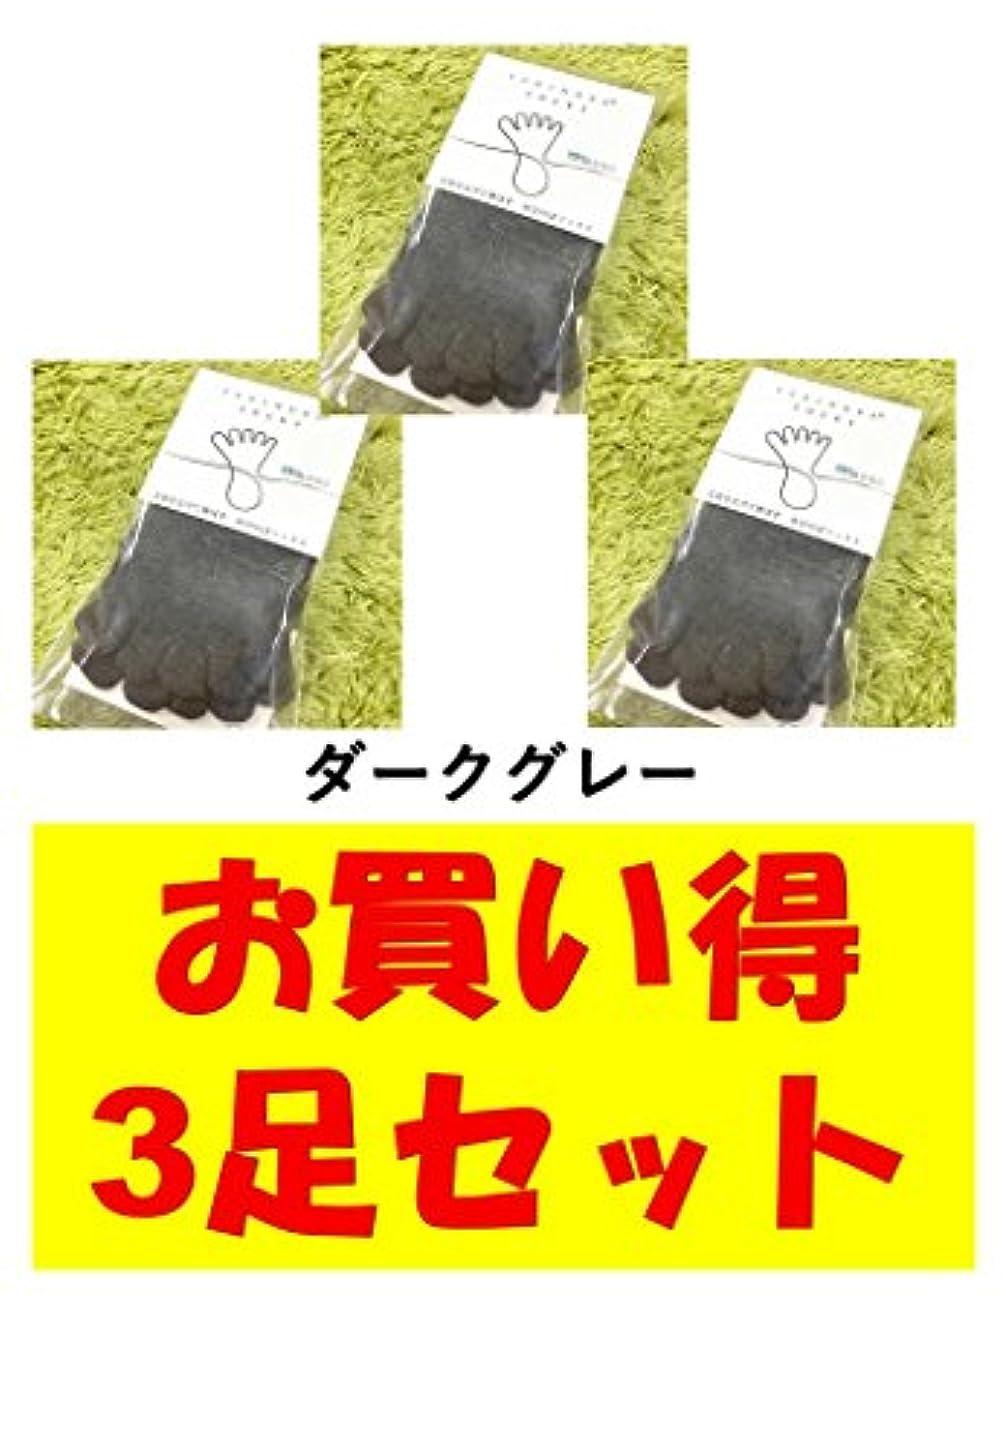 満州アウター感嘆符お買い得3足セット 5本指 ゆびのばソックス ゆびのばレギュラー ダークグレー 男性用 25.5cm-28.0cm HSREGR-DGL